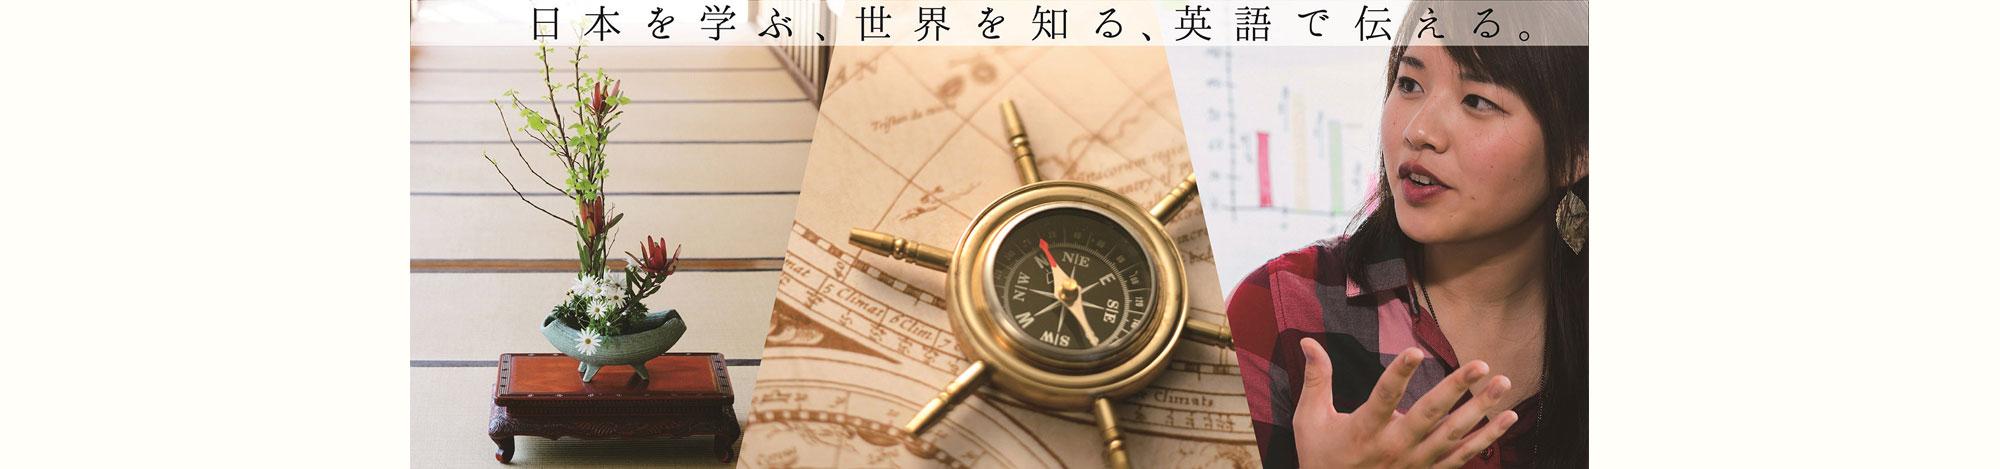 header_gakusyuin_joshi